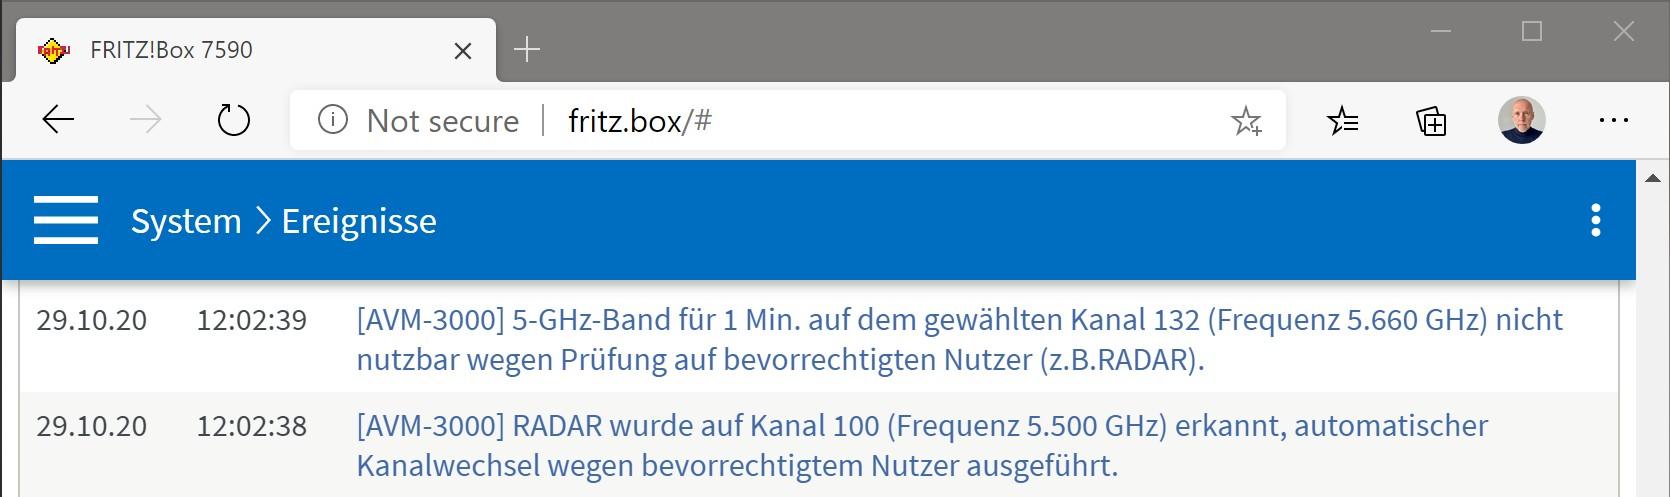 vowe dot net  Fritzbox WLAN mit 20GHz funktioniert nicht